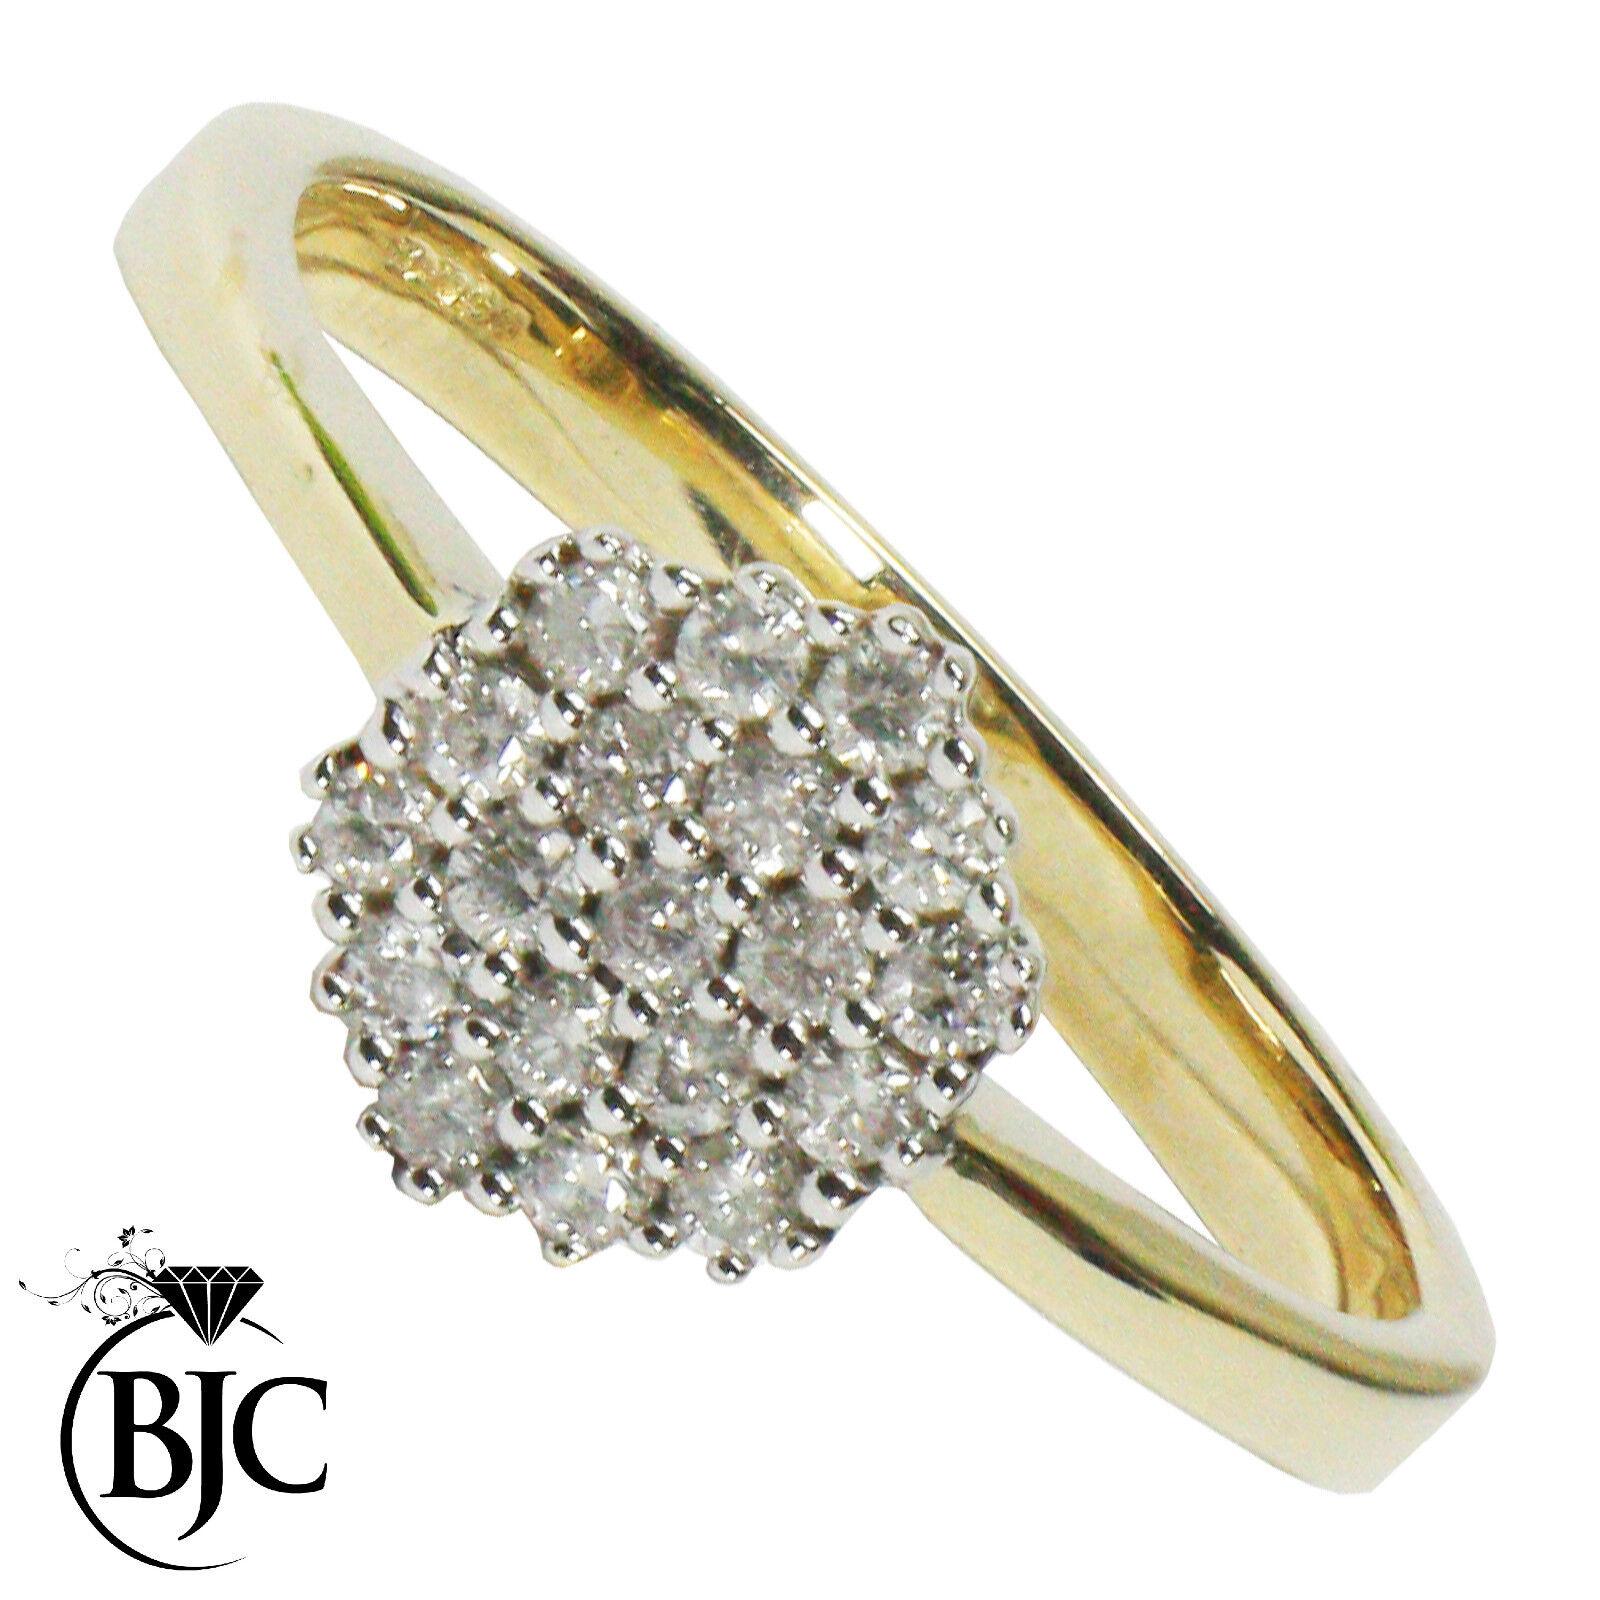 Bjc 9 Karat yellowgold Diamant 0.19ct Ct Größe n Cluster Verlobungsring R110